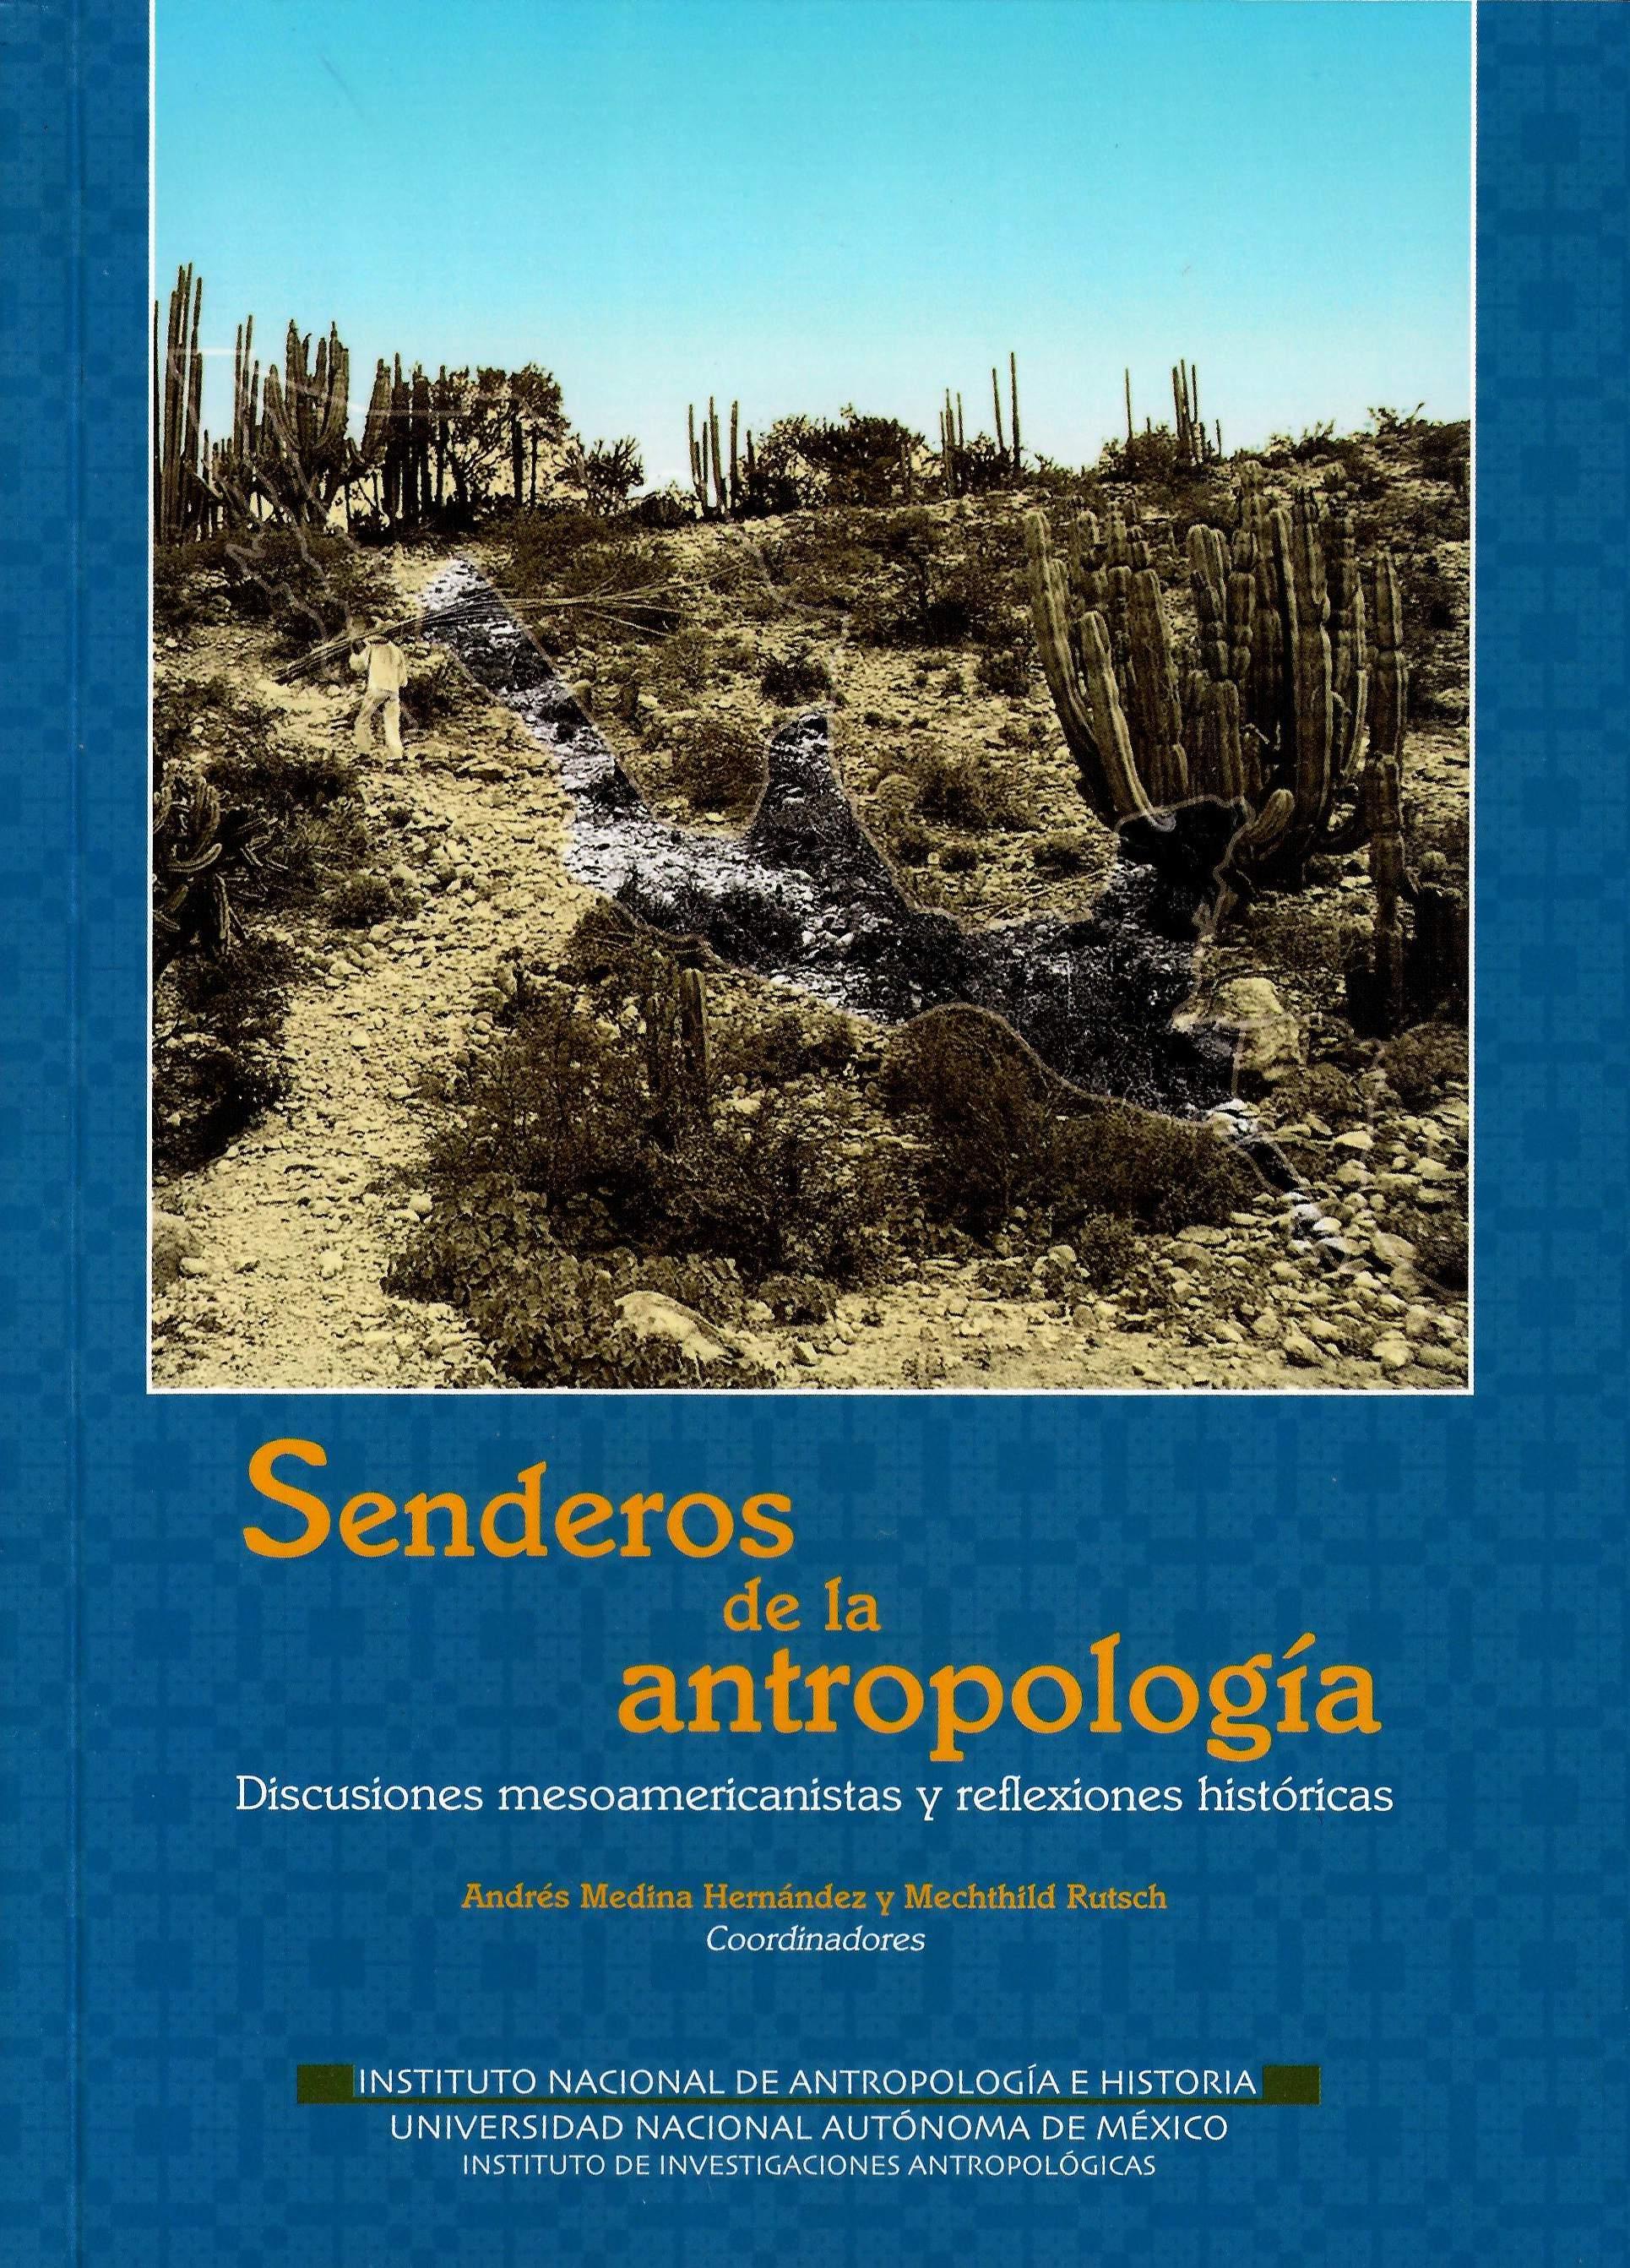 Senderos de la antropología: discusiones mesoamericanistas y reflexiones hitóricas